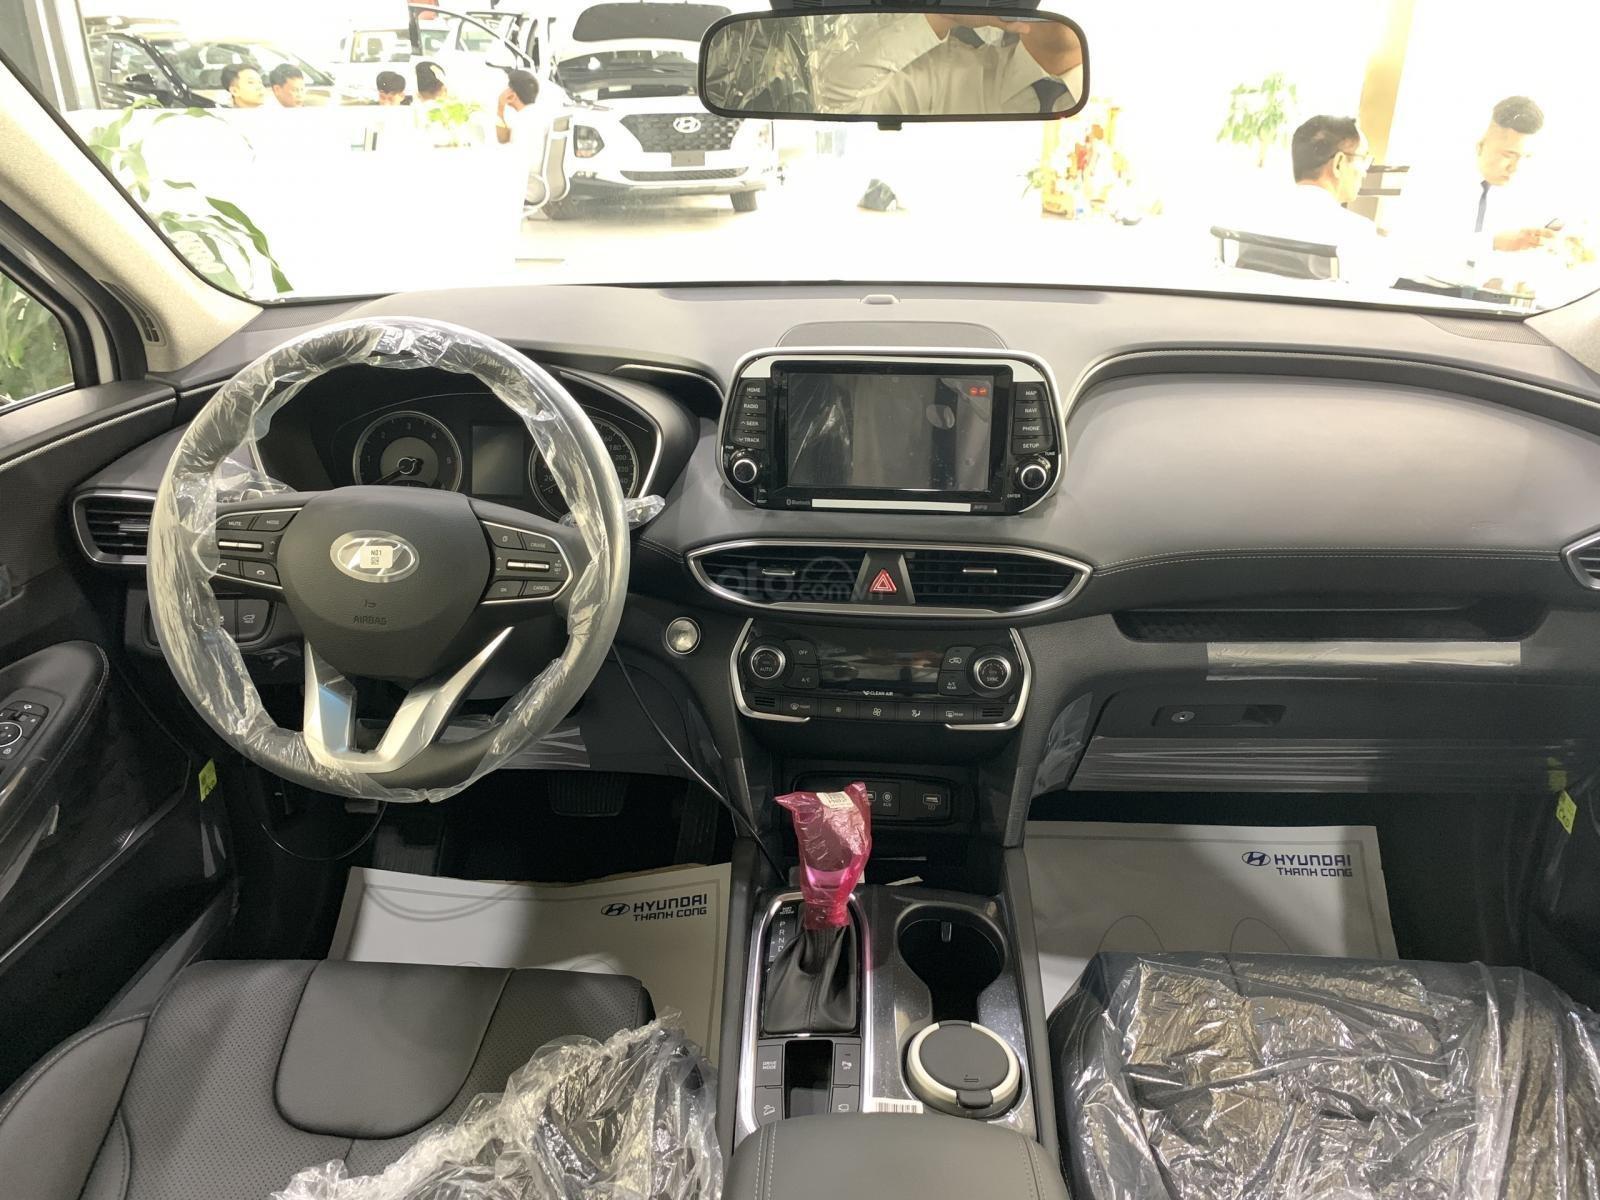 Bán xe Hyundai Santa Fe đời 2019, hỗ trợ mua trả góp lên tới 85% giá trị xe, có xe giao ngay. LH ngay 0971.58.55.33-4